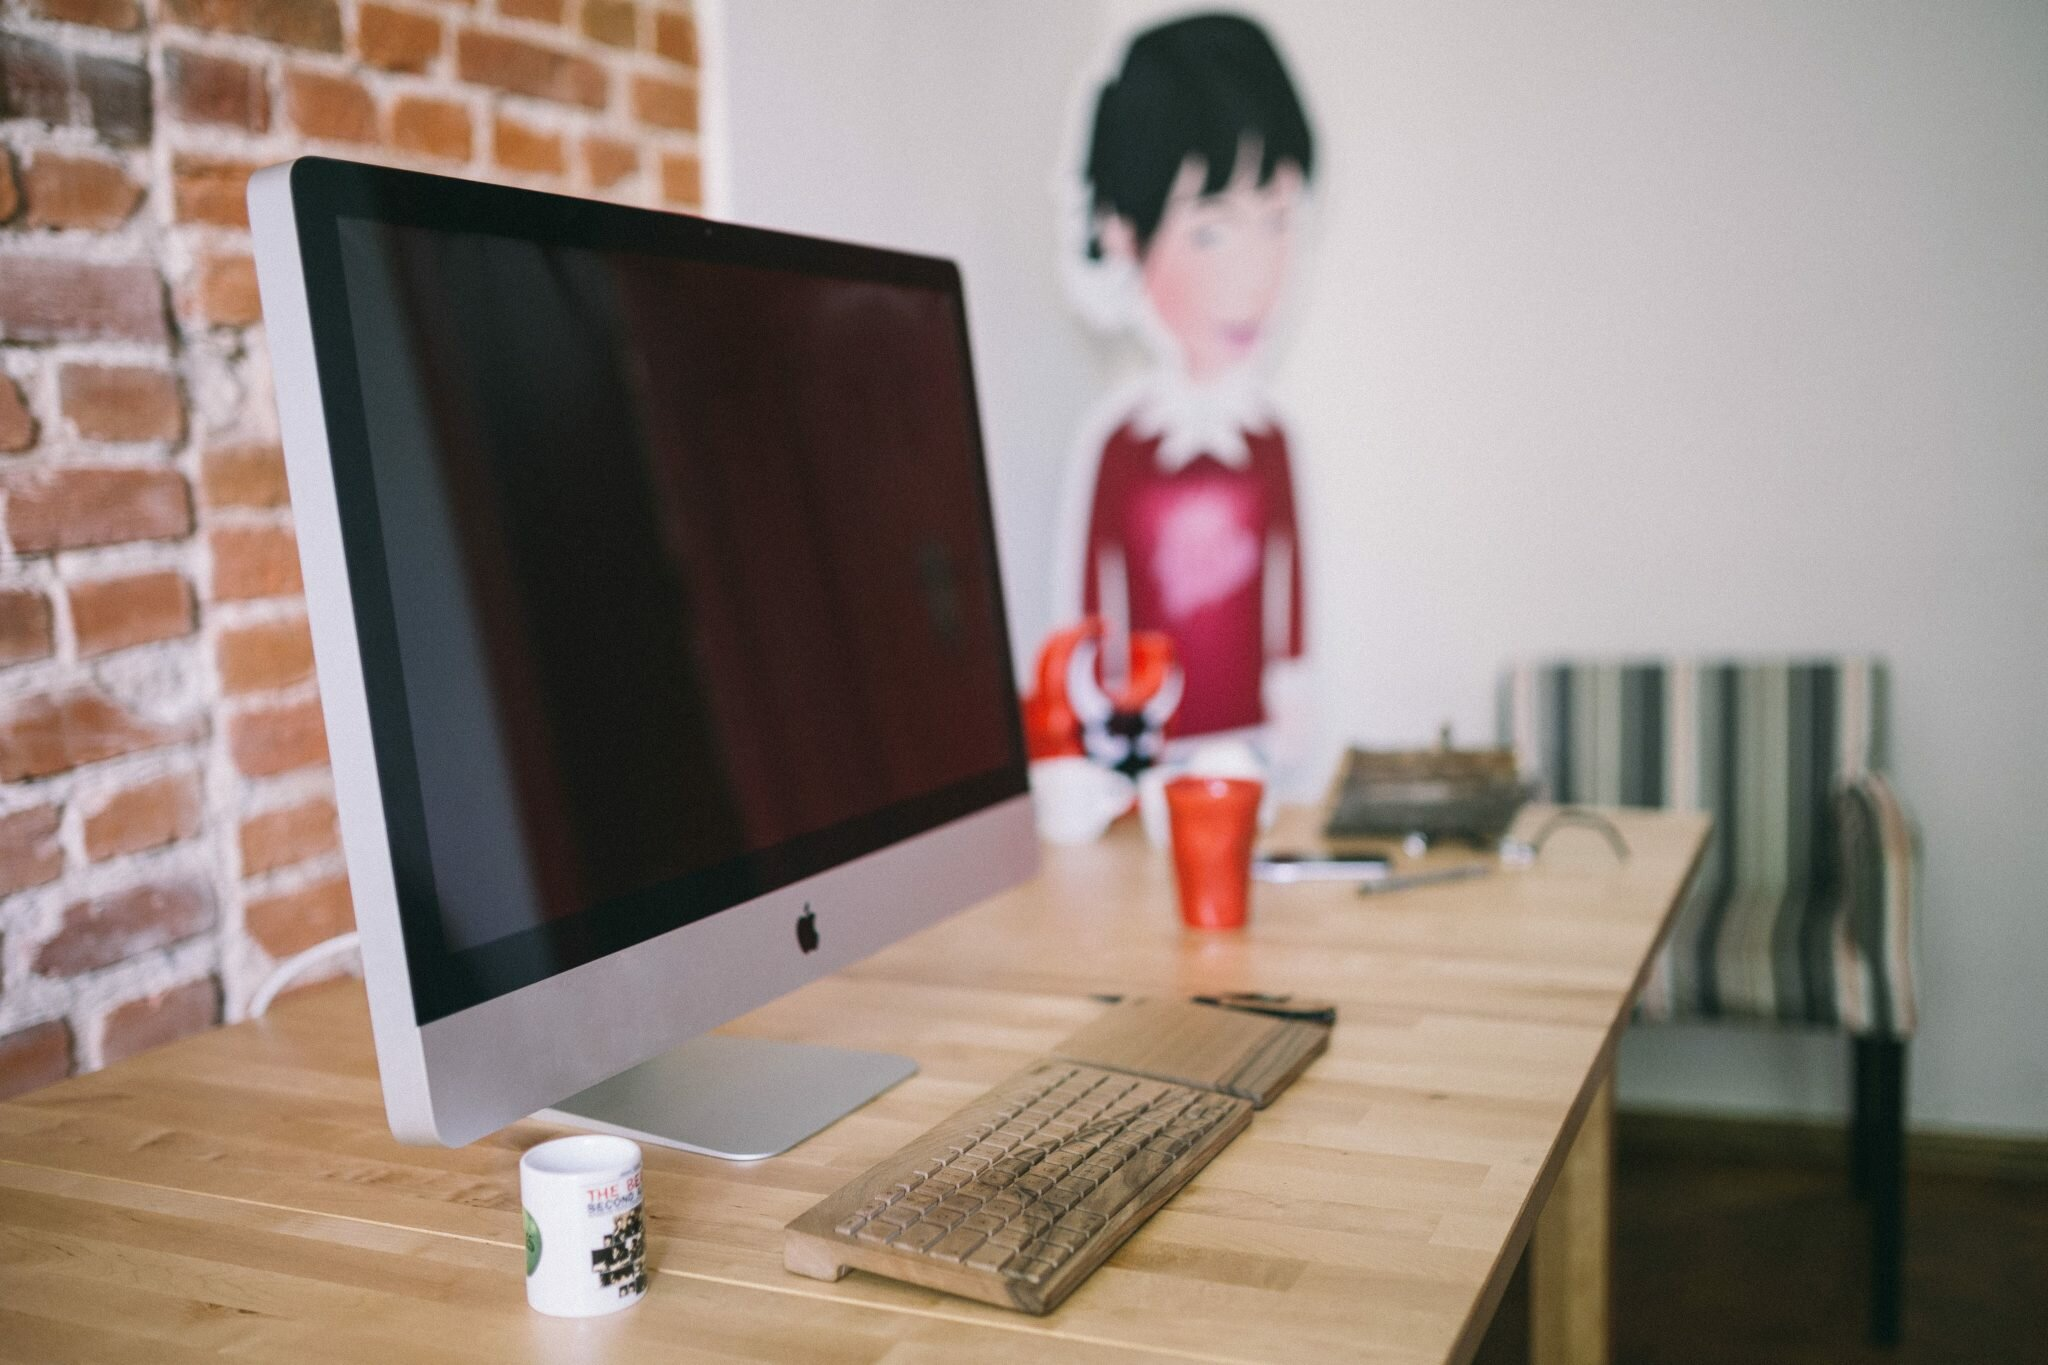 zdjęcie komputera z rysunkiem dziewczynki w tle dlaczego dziewczynki nie programują